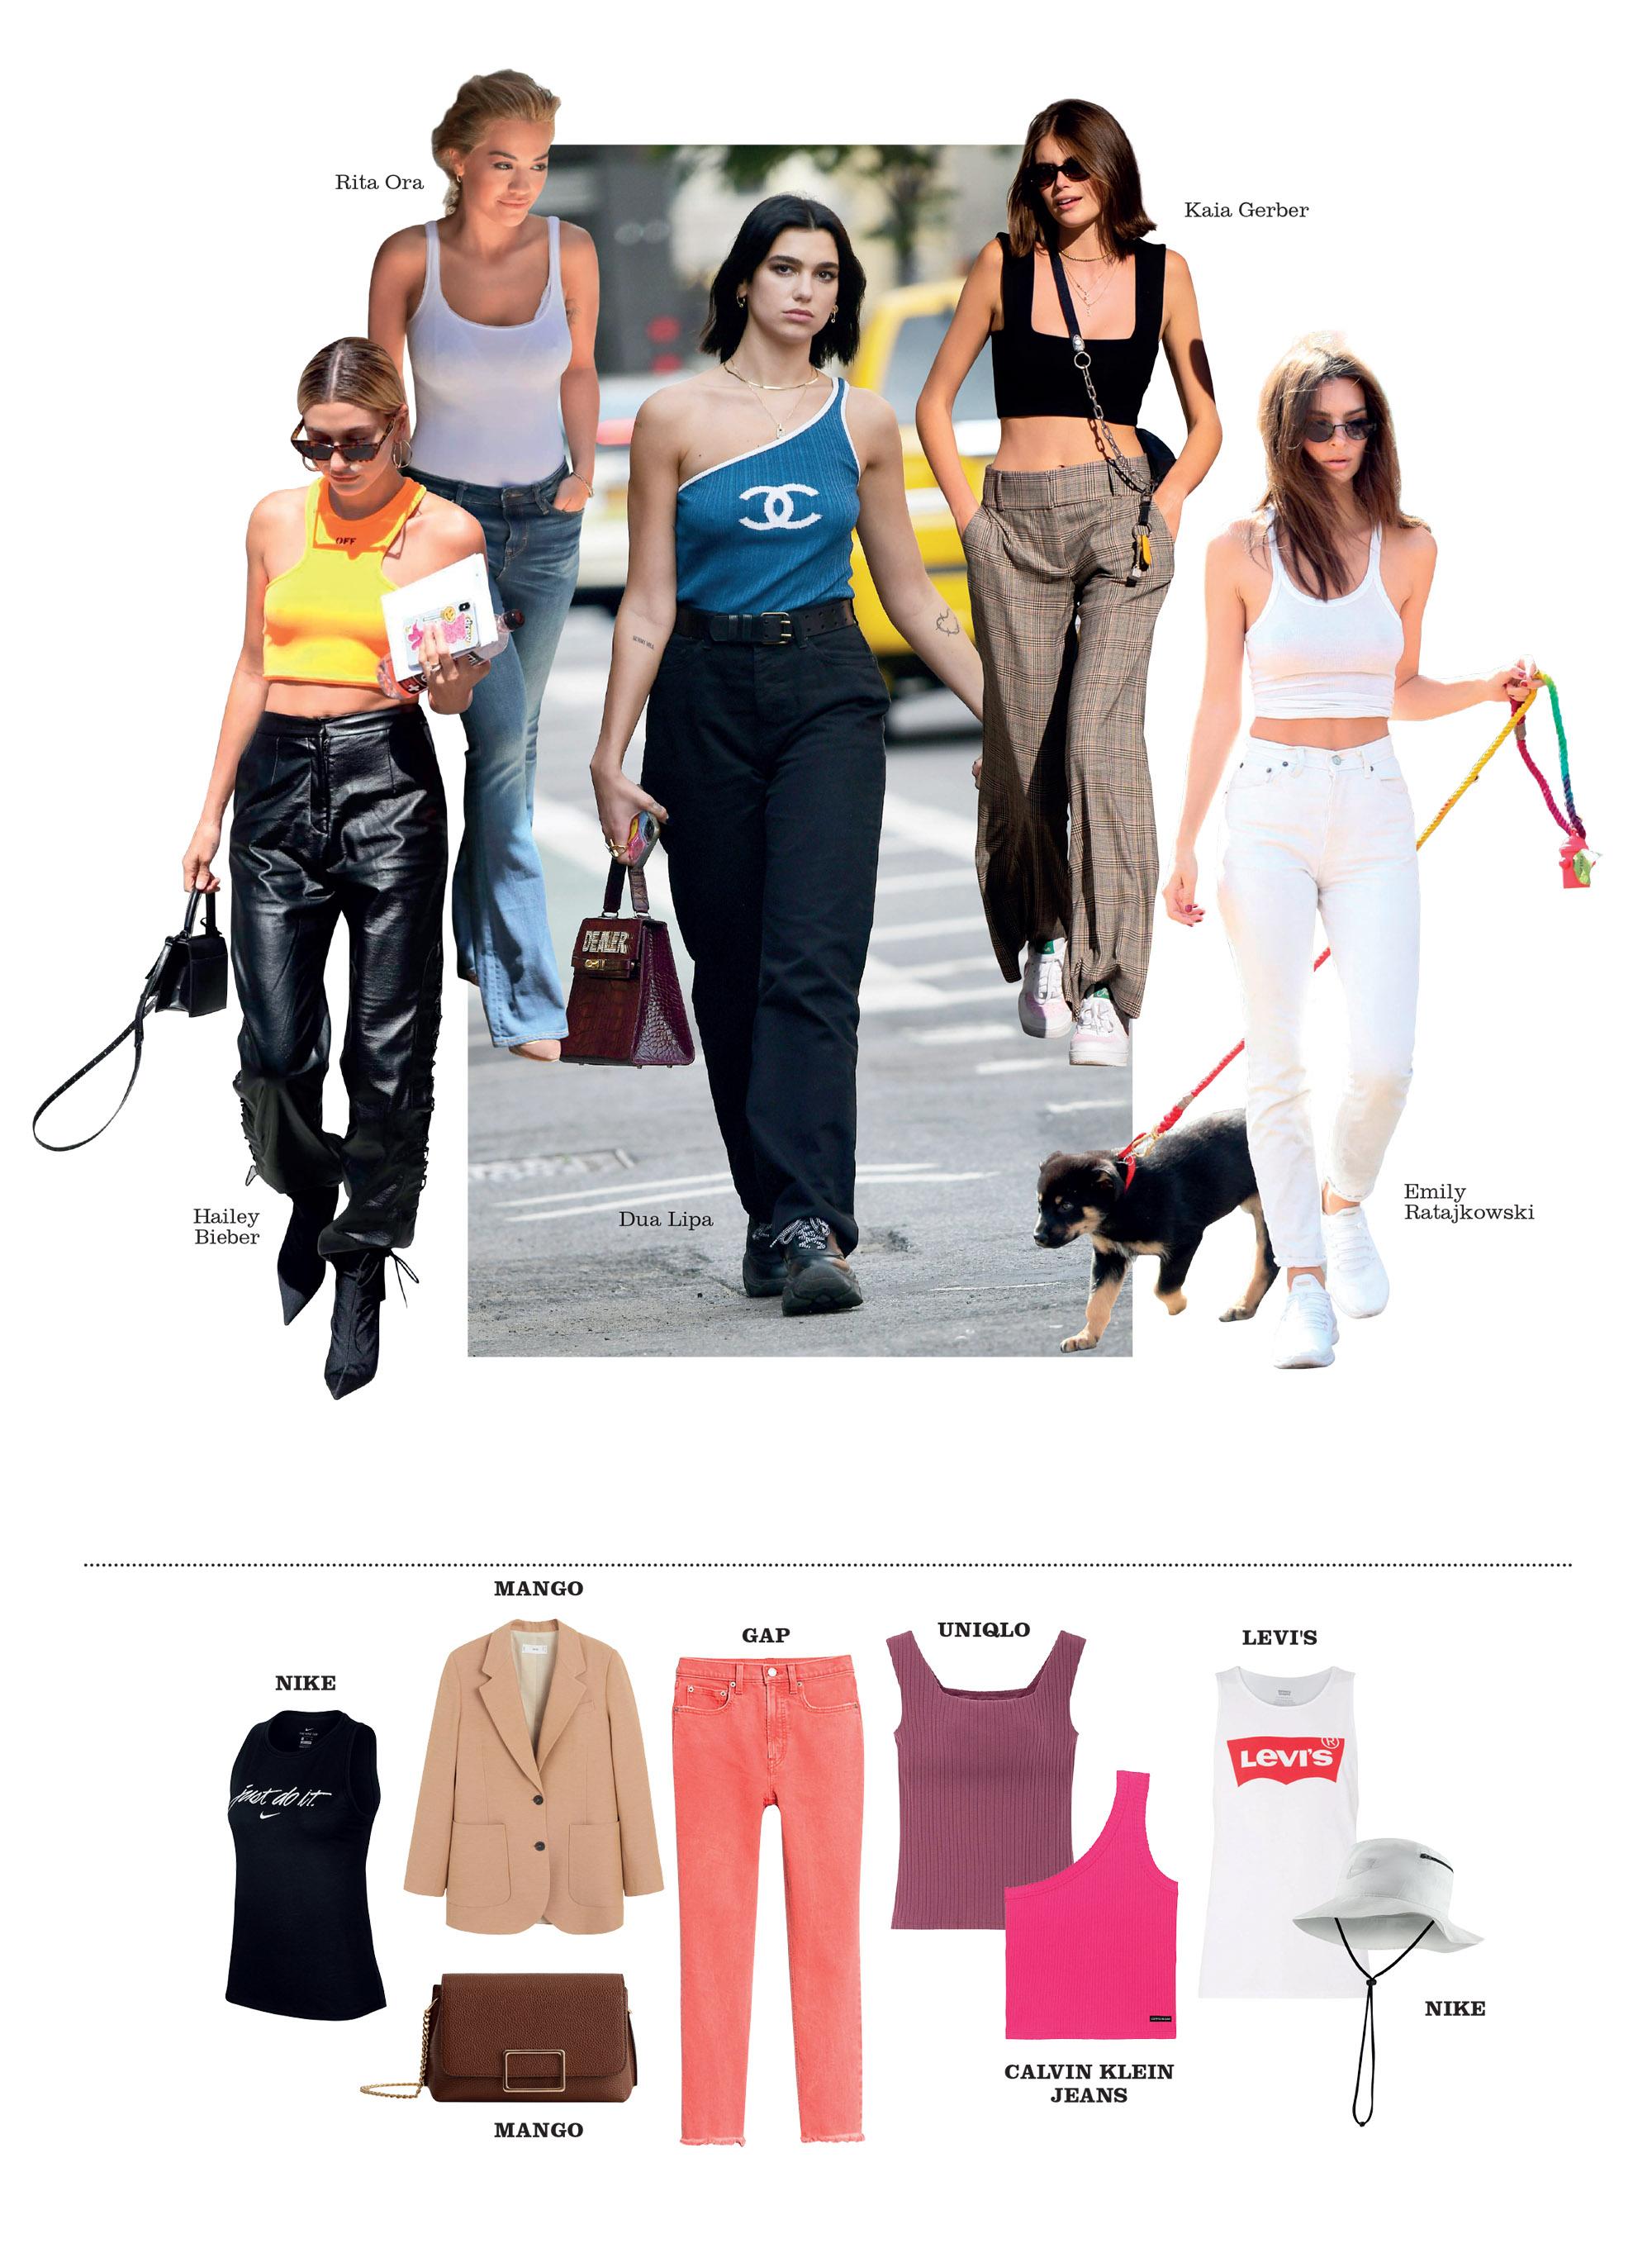 fashionista thế giới mặc đồ mùa hè áo tank top lửng